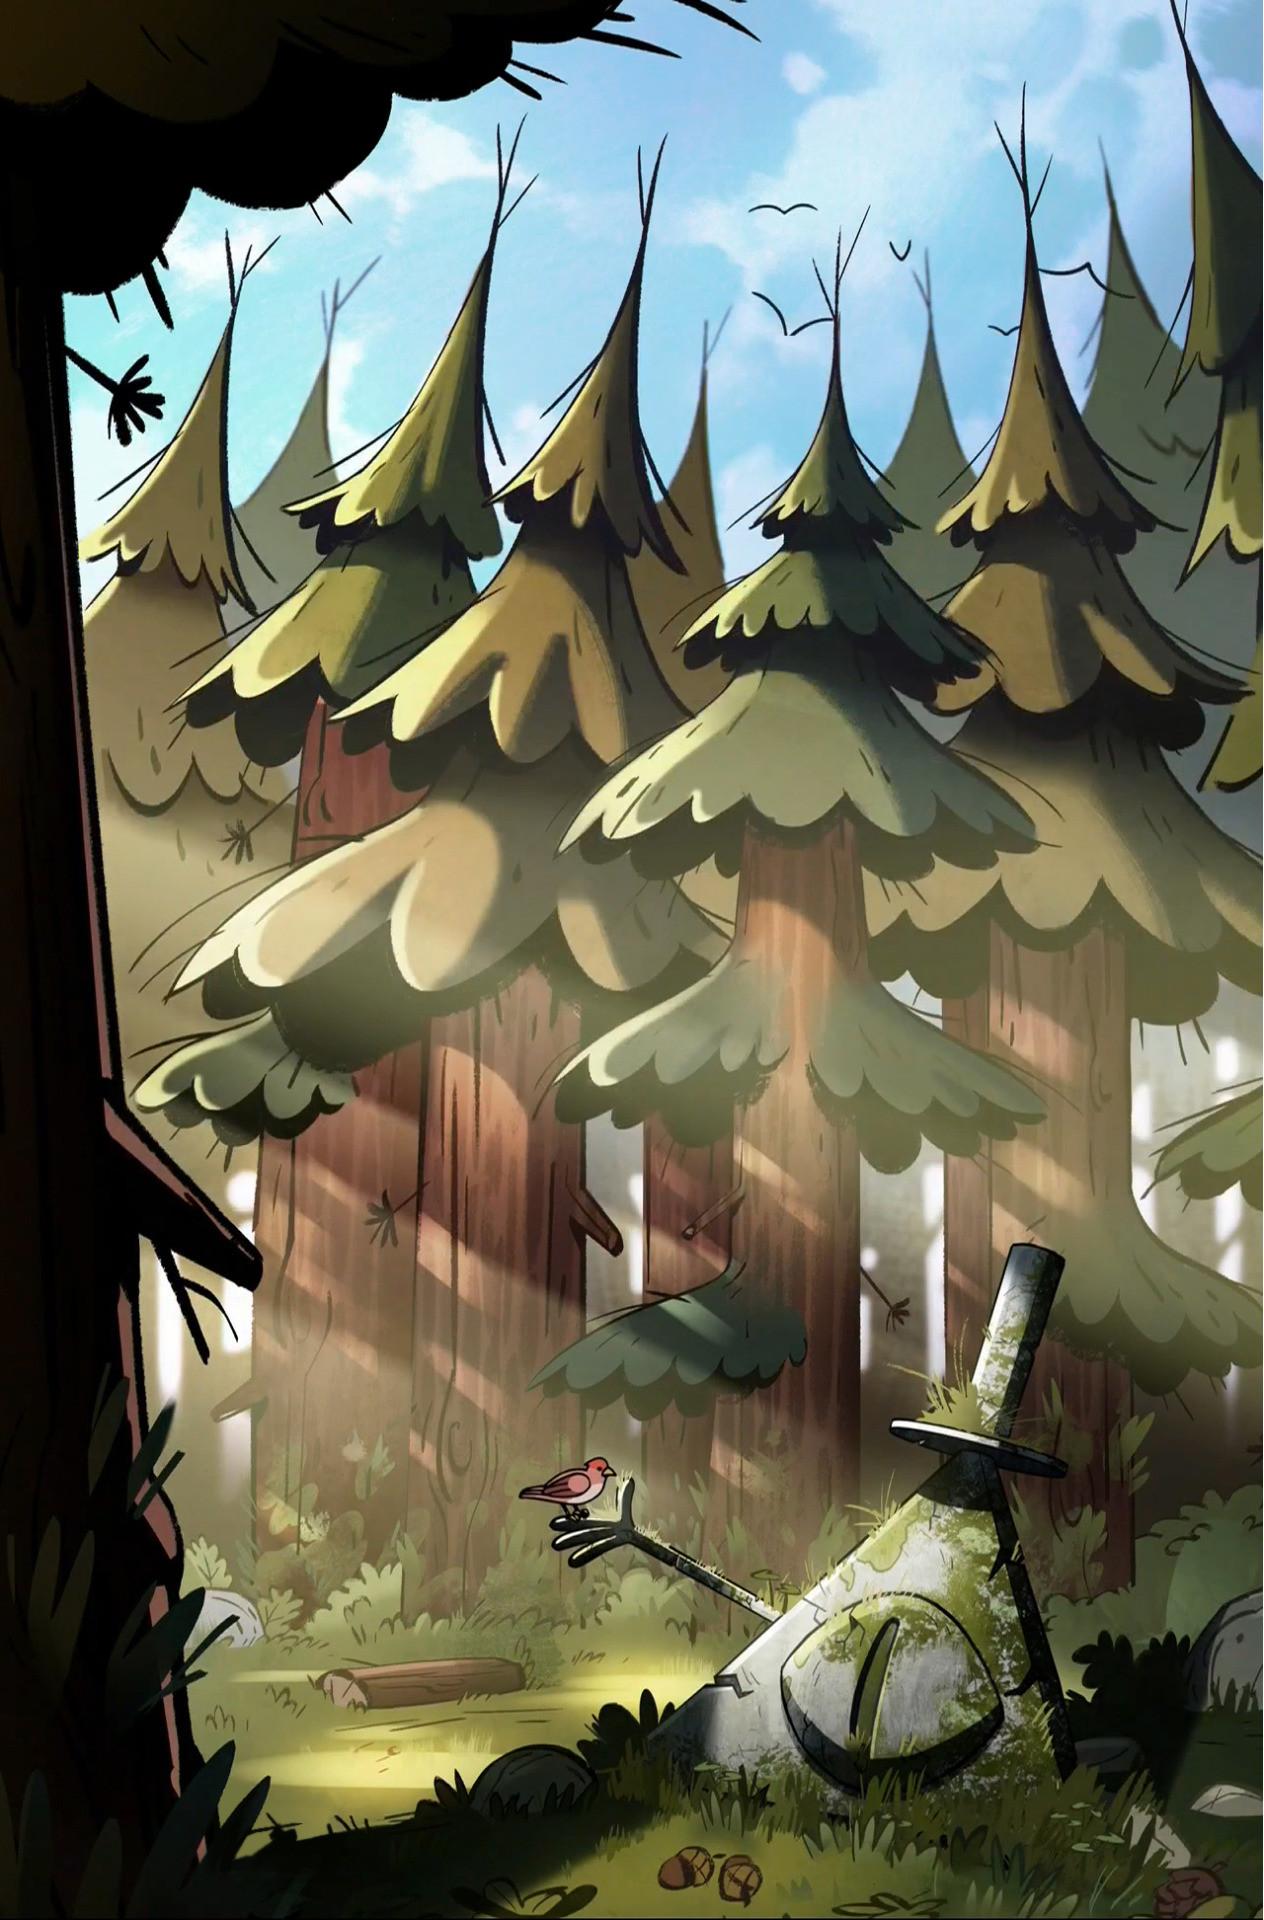 Gravity Falls Iphone Wallpaper 65 Images